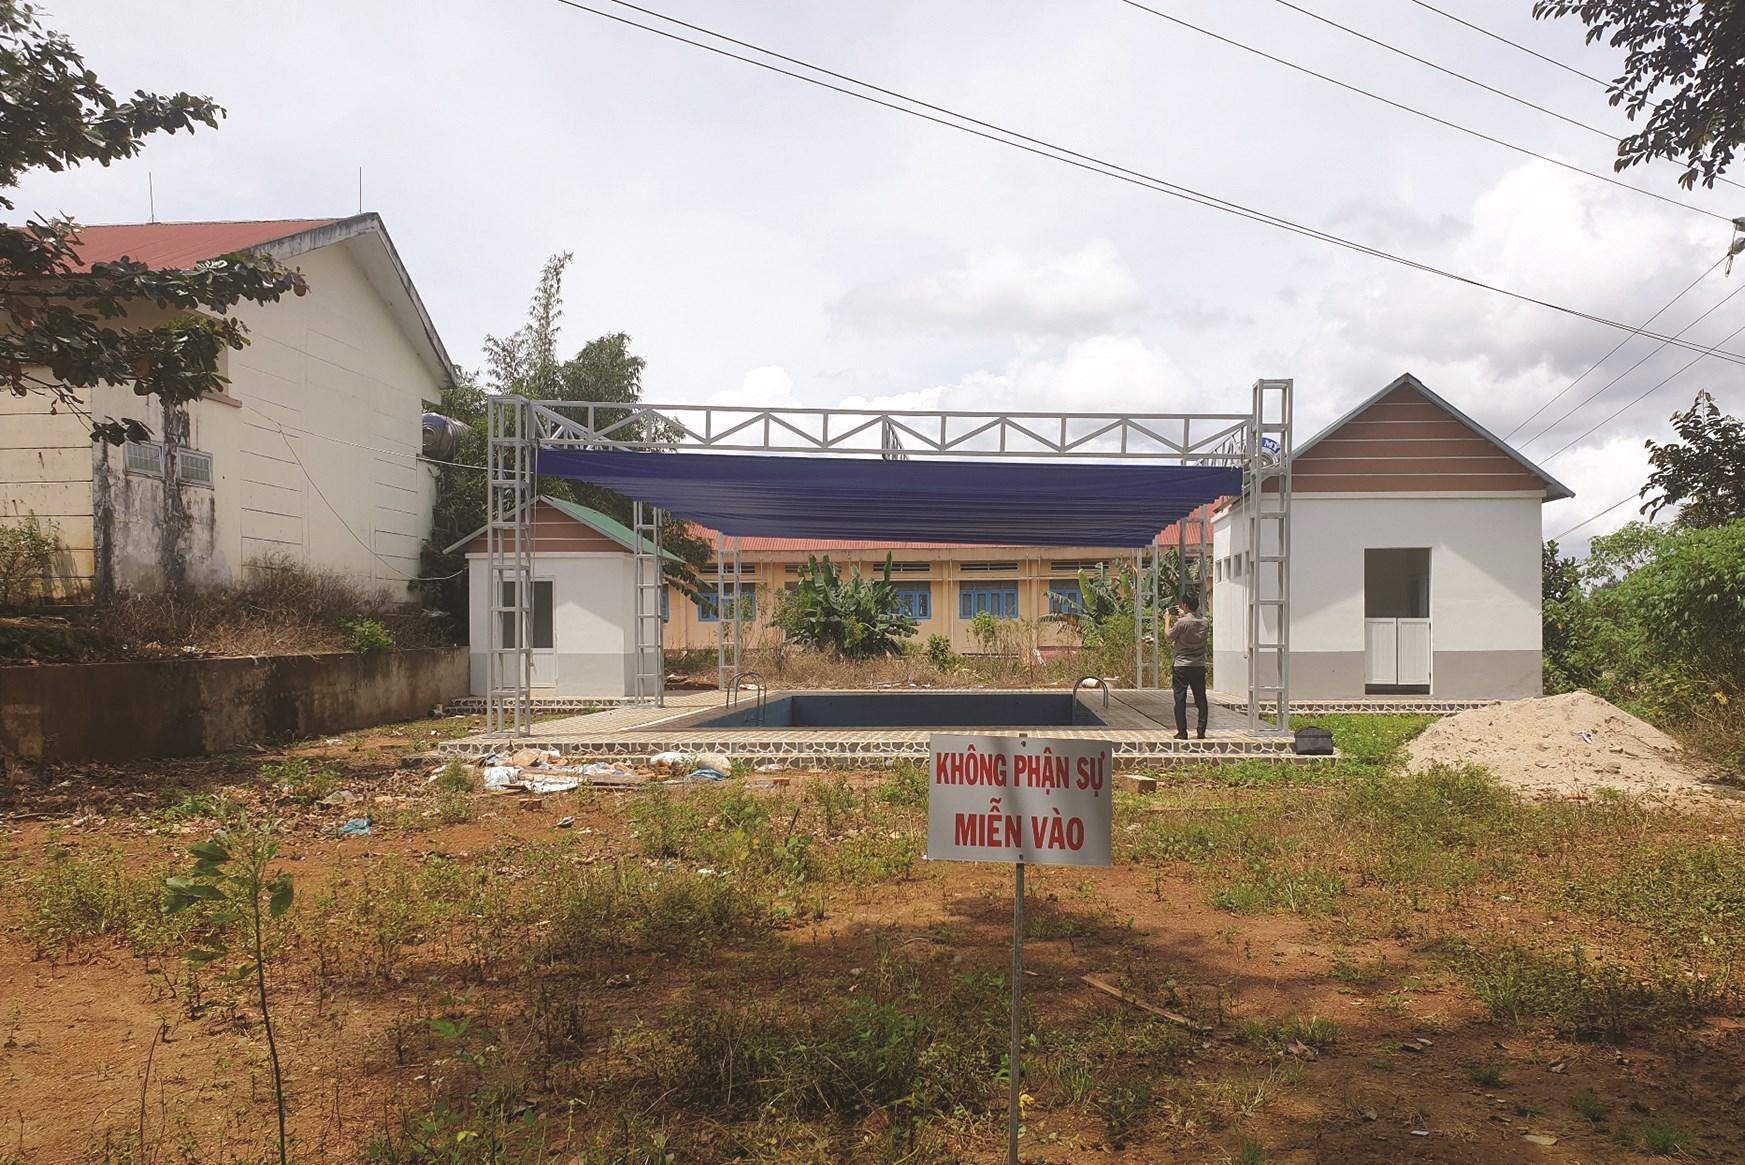 Bể bơi Trường Tiểu học Bùi Thị Xuân tại thị trấn Kiến Đức, huyện Đăk R'lấp khi hoàn thành không có hàng rào bảo vệ